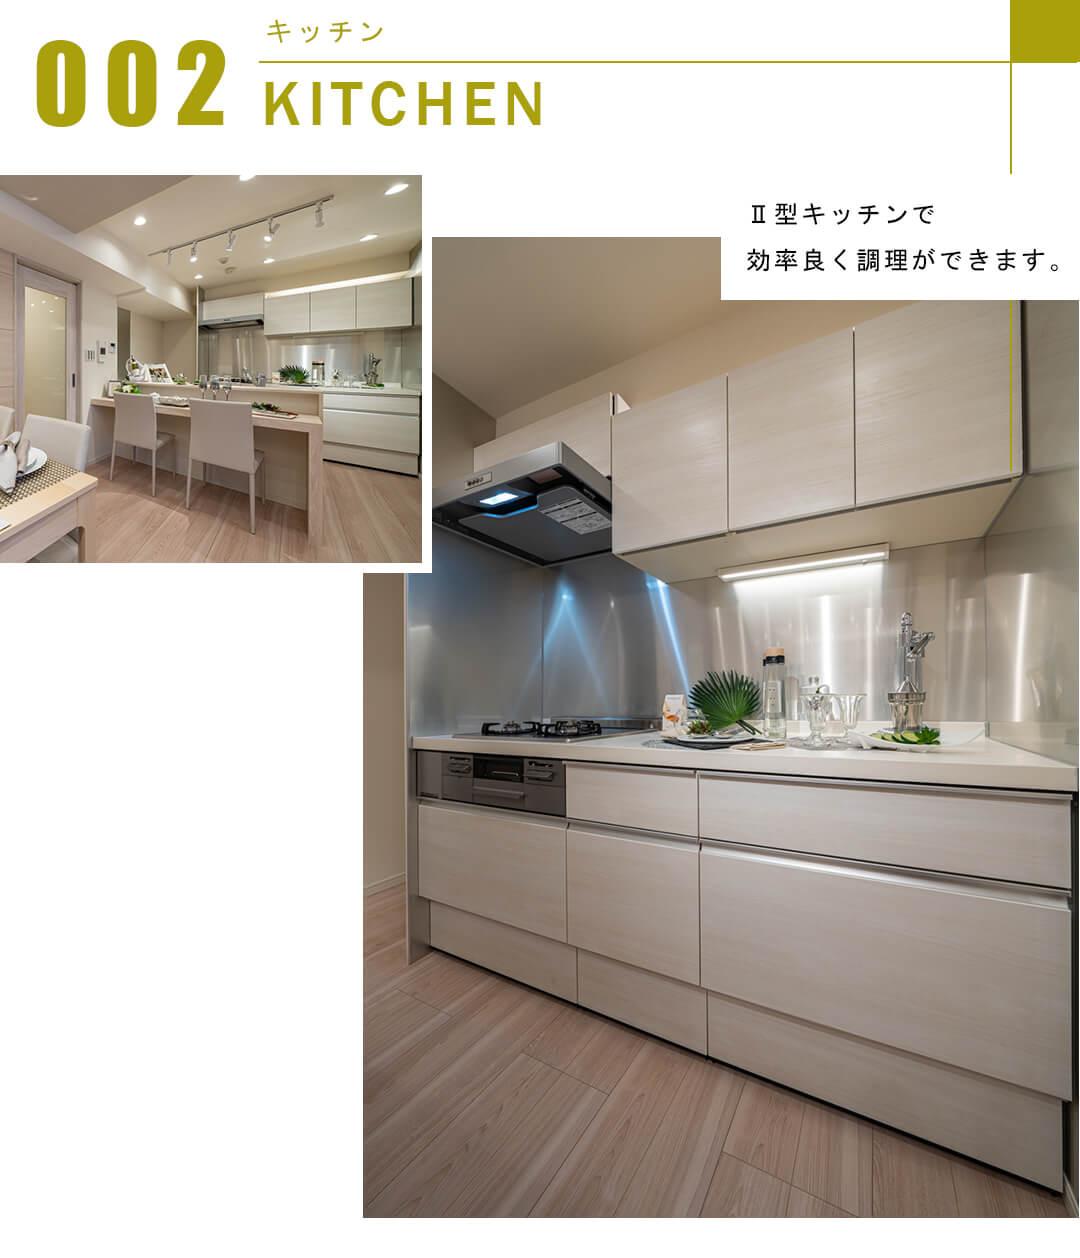 セザール白金ガーデンのキッチン